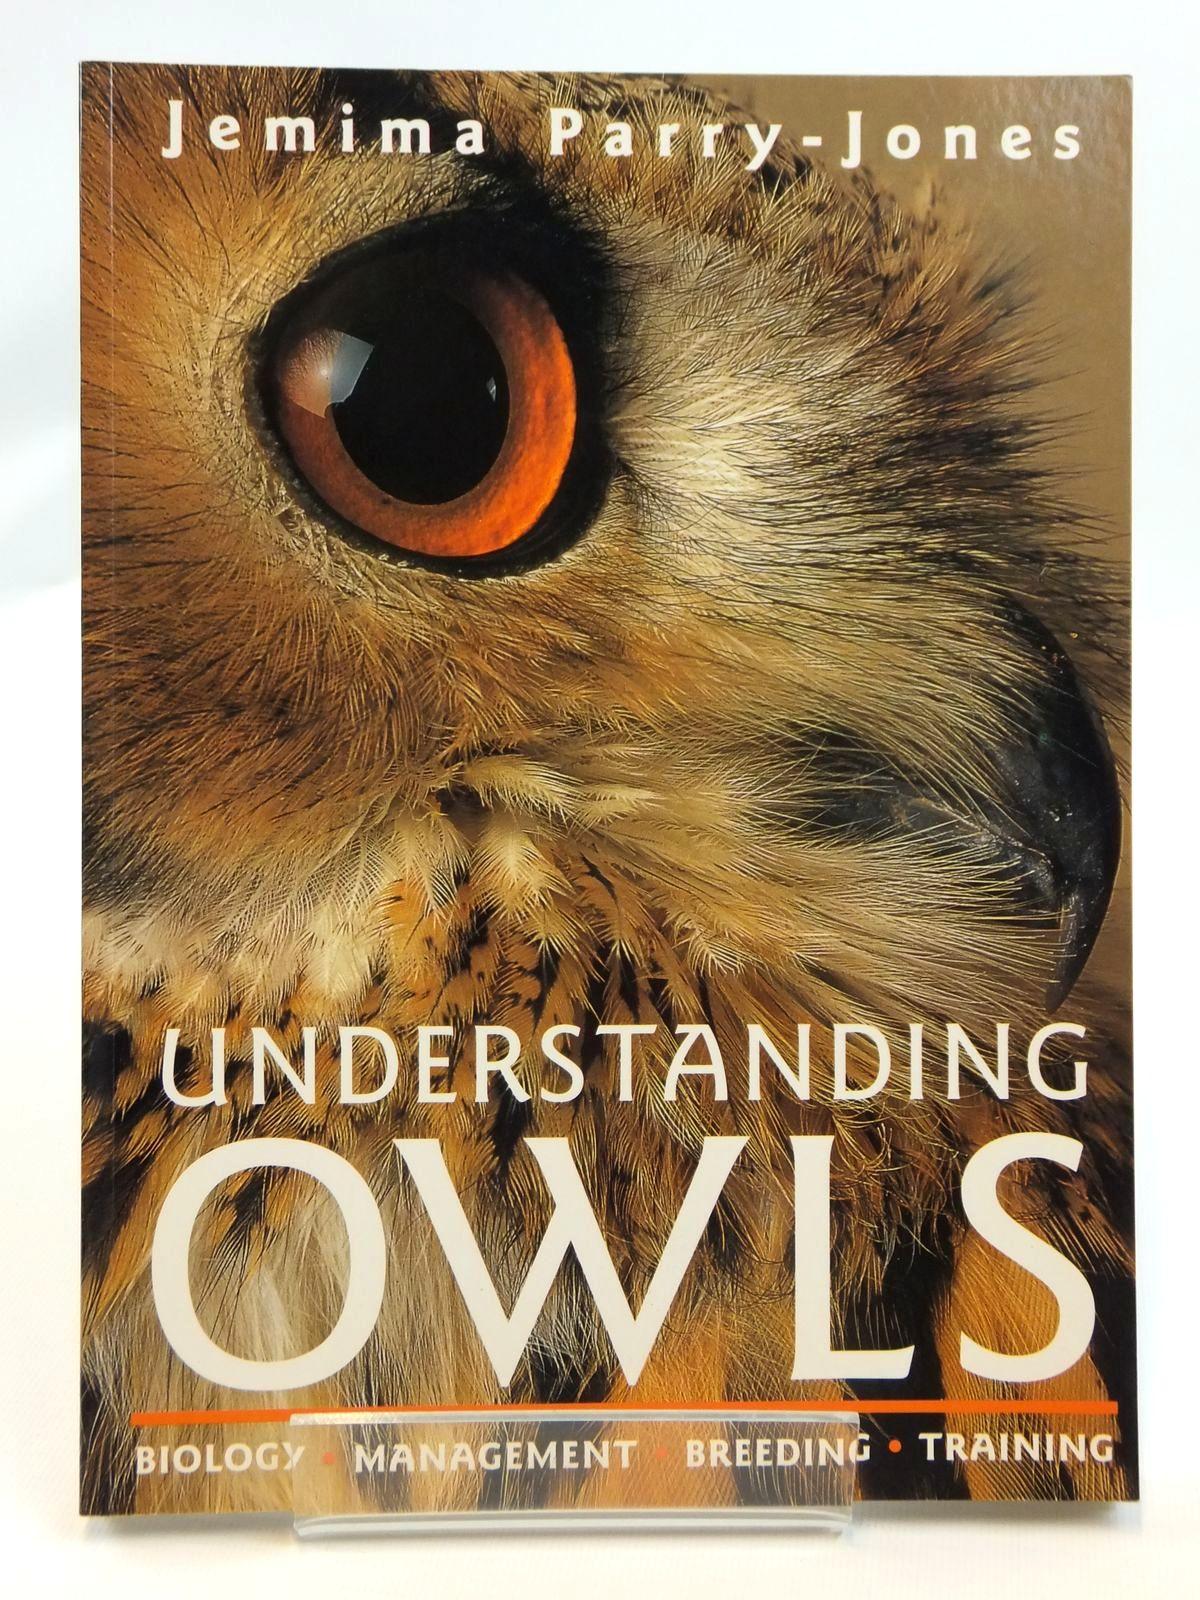 UNDERSTANDING OWLS. by Jemima Parry-Jones